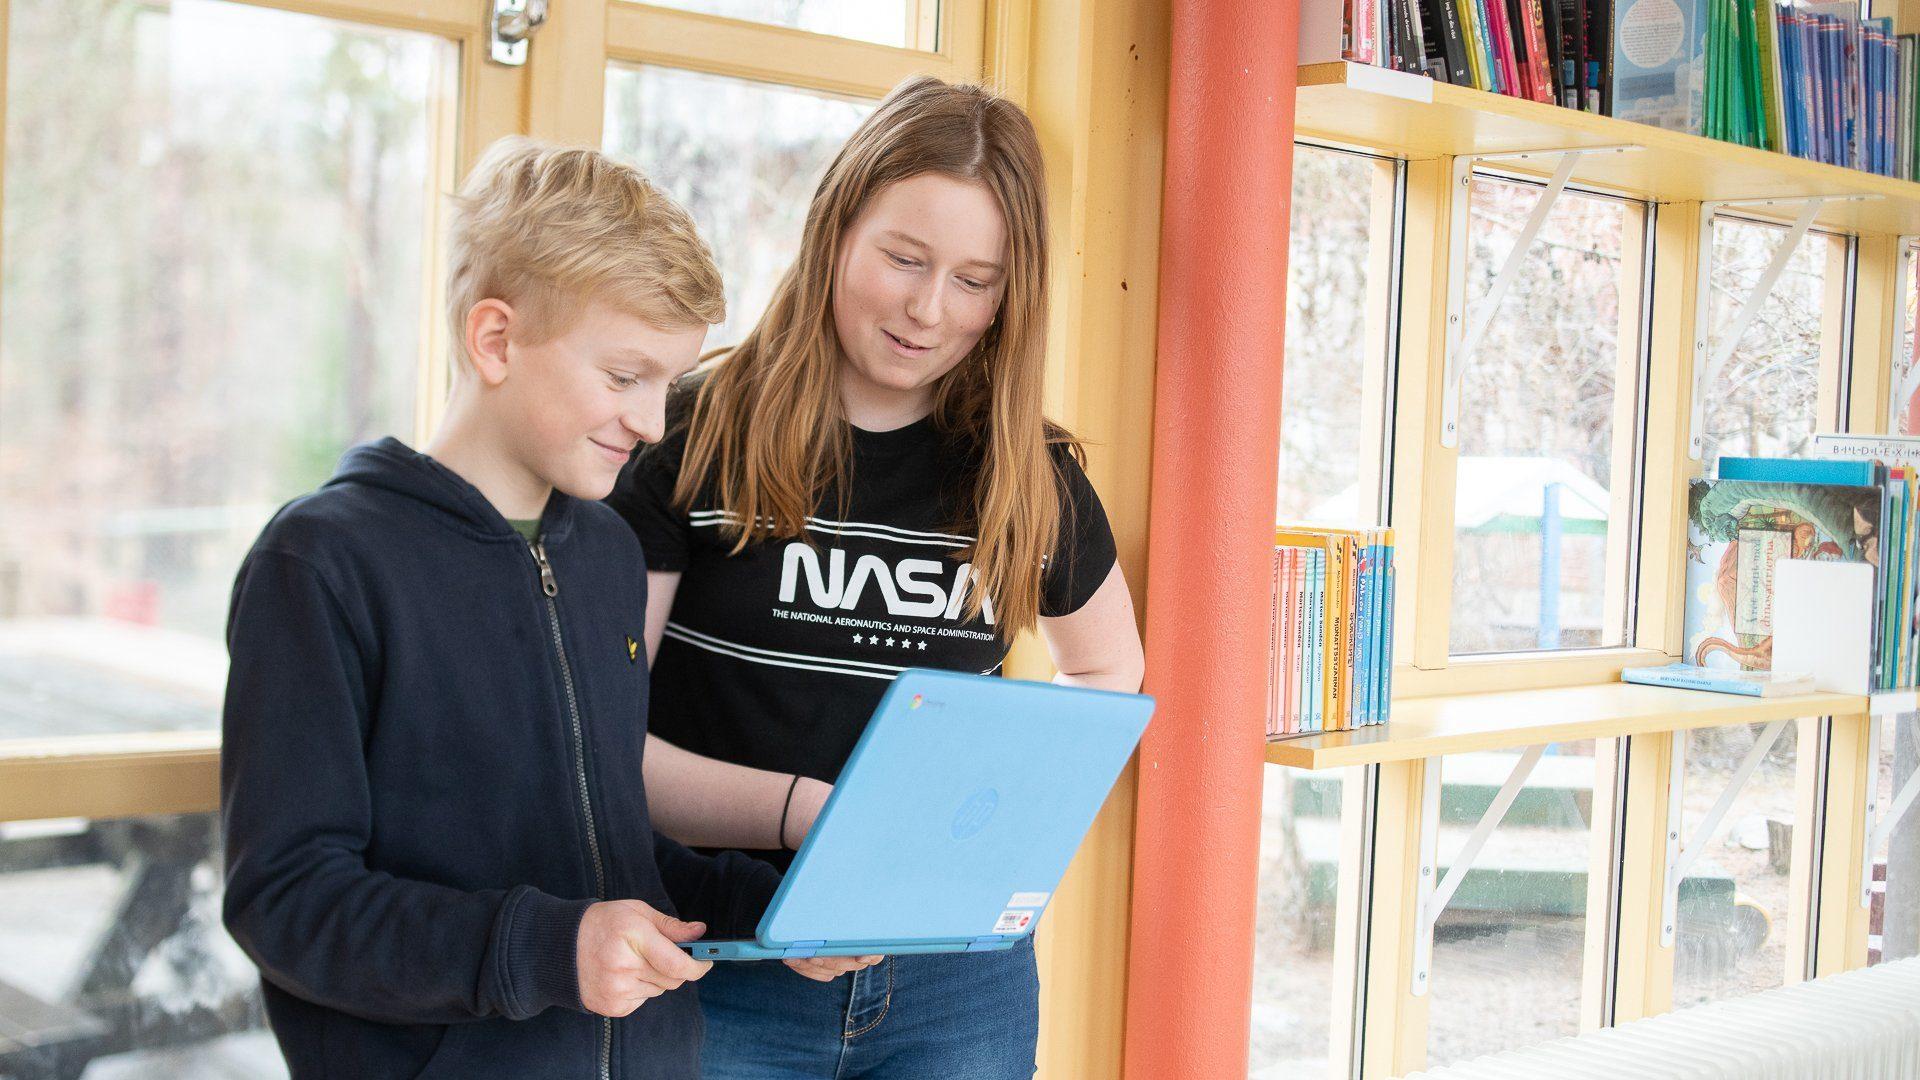 En pojke och en flicka tittar på en bärbar dator i en skolkorridor